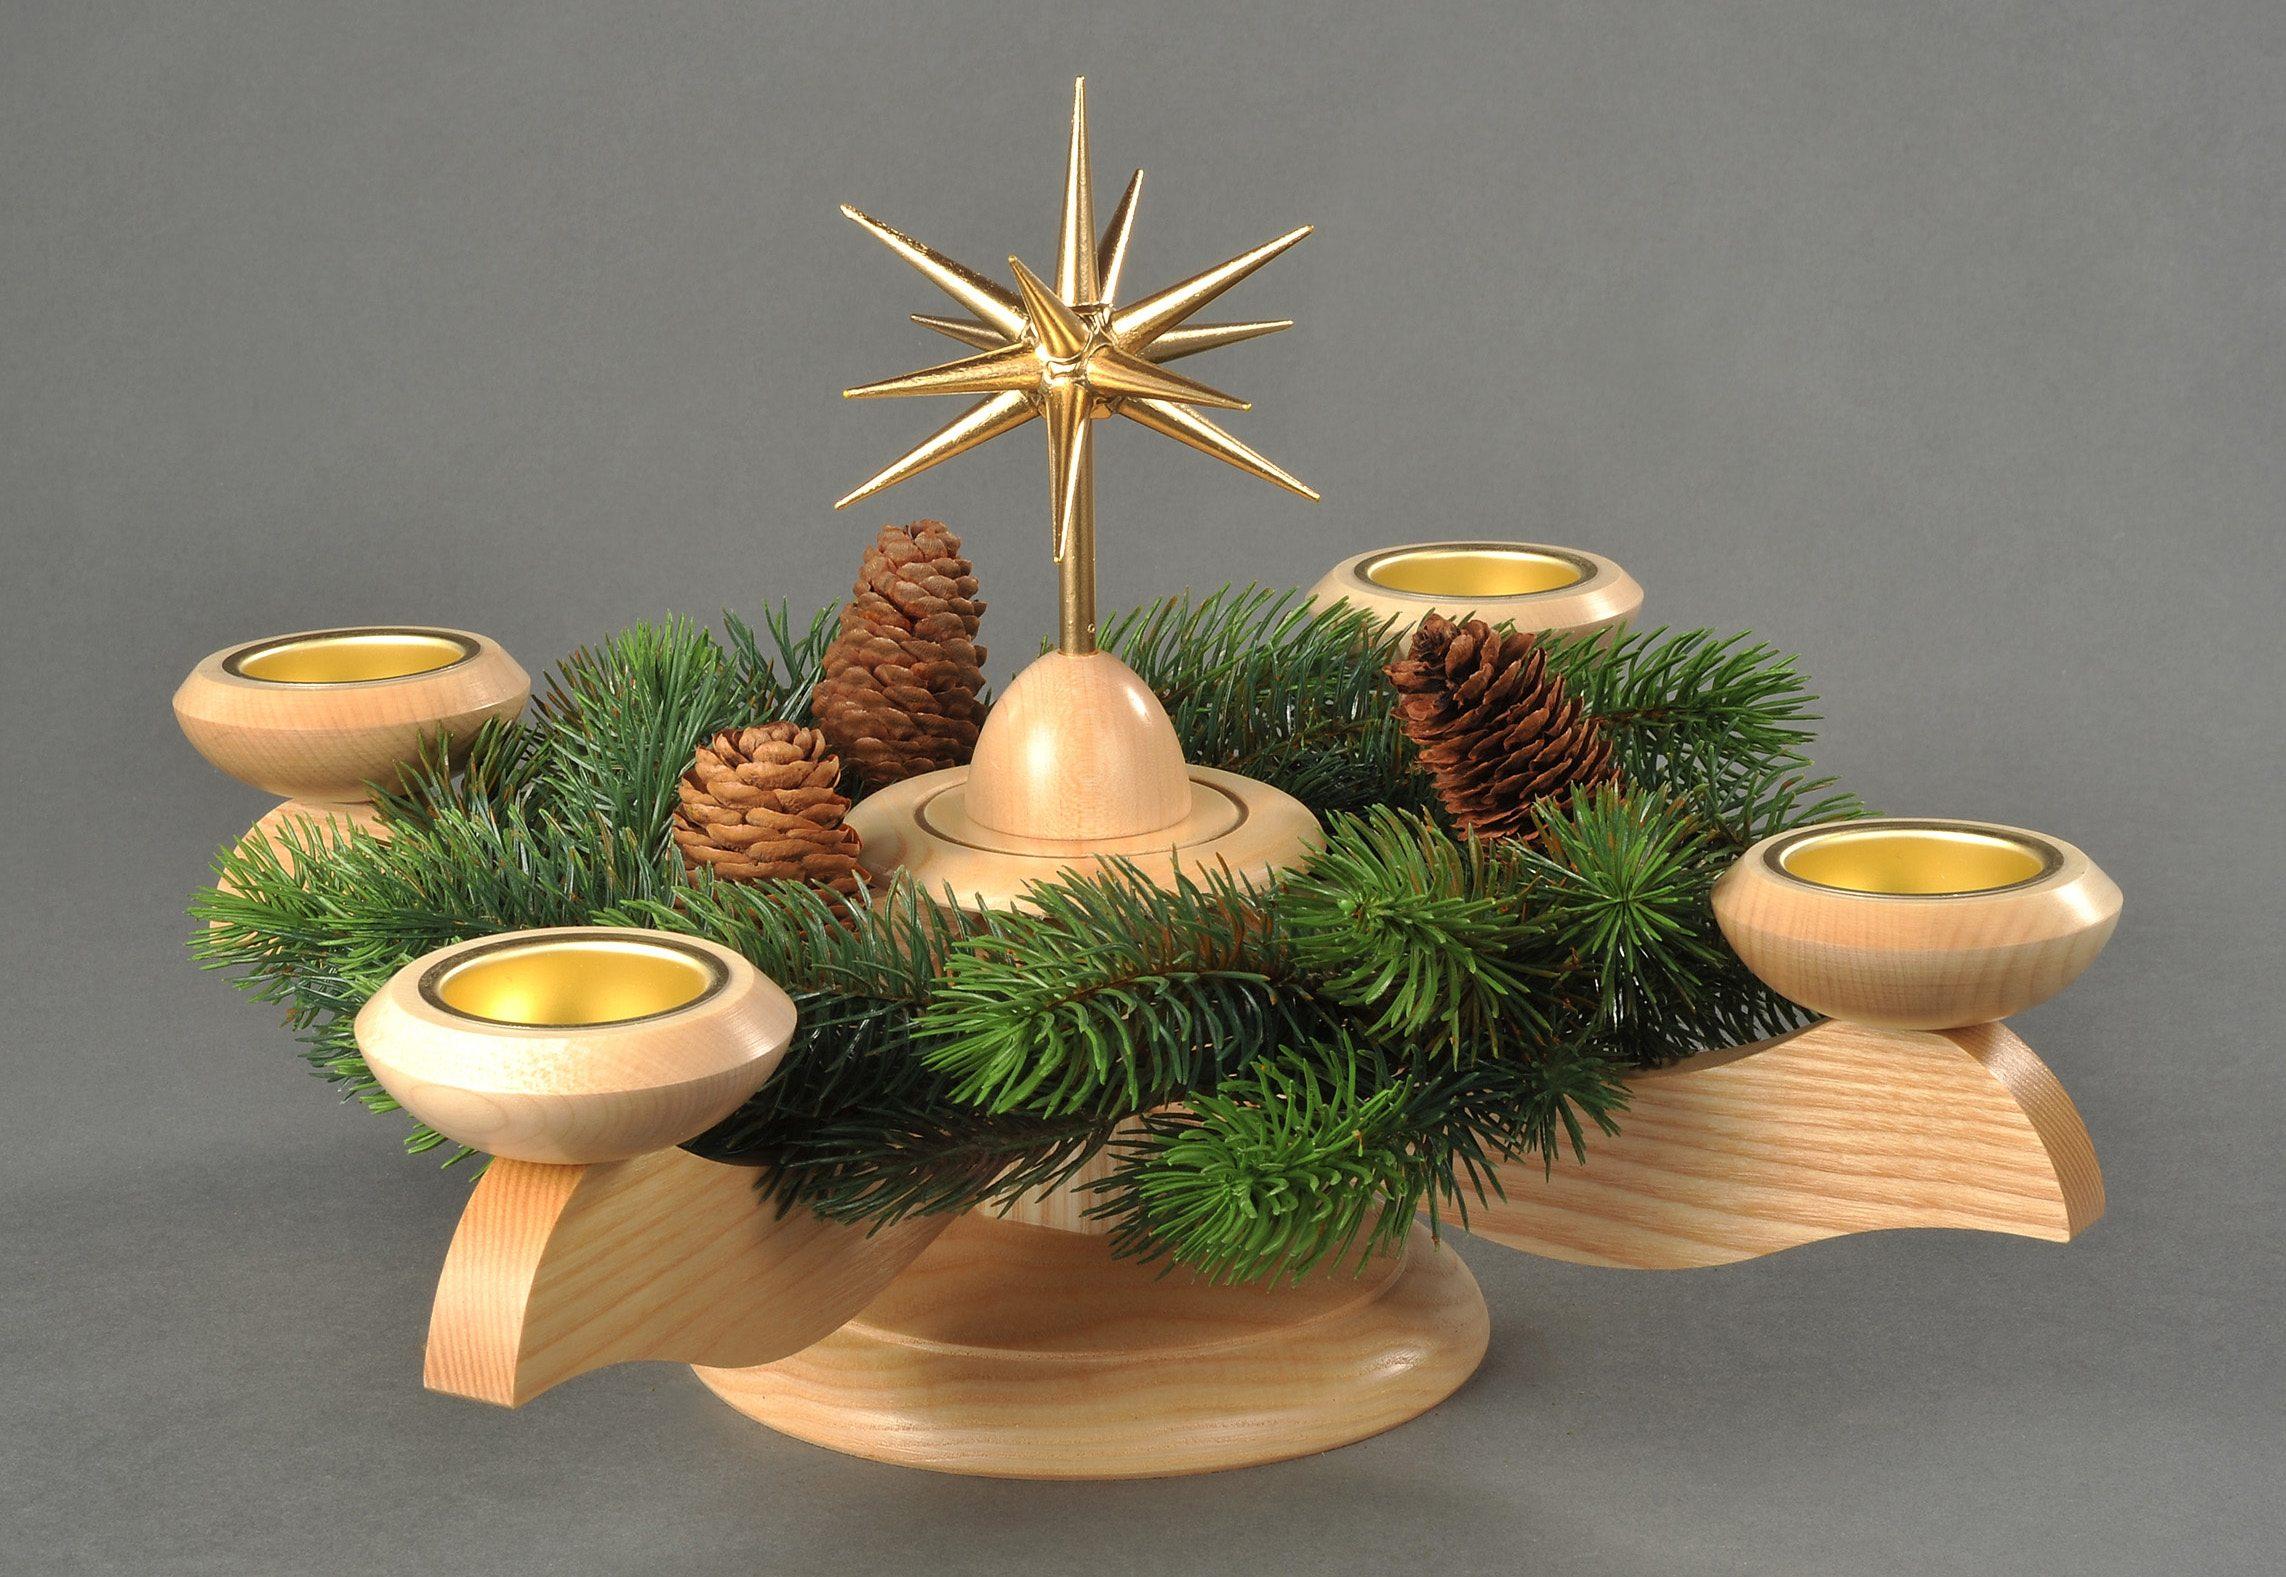 Weihnachten Natur Ahorn Christbaumschmuck Online Kaufen Mobel